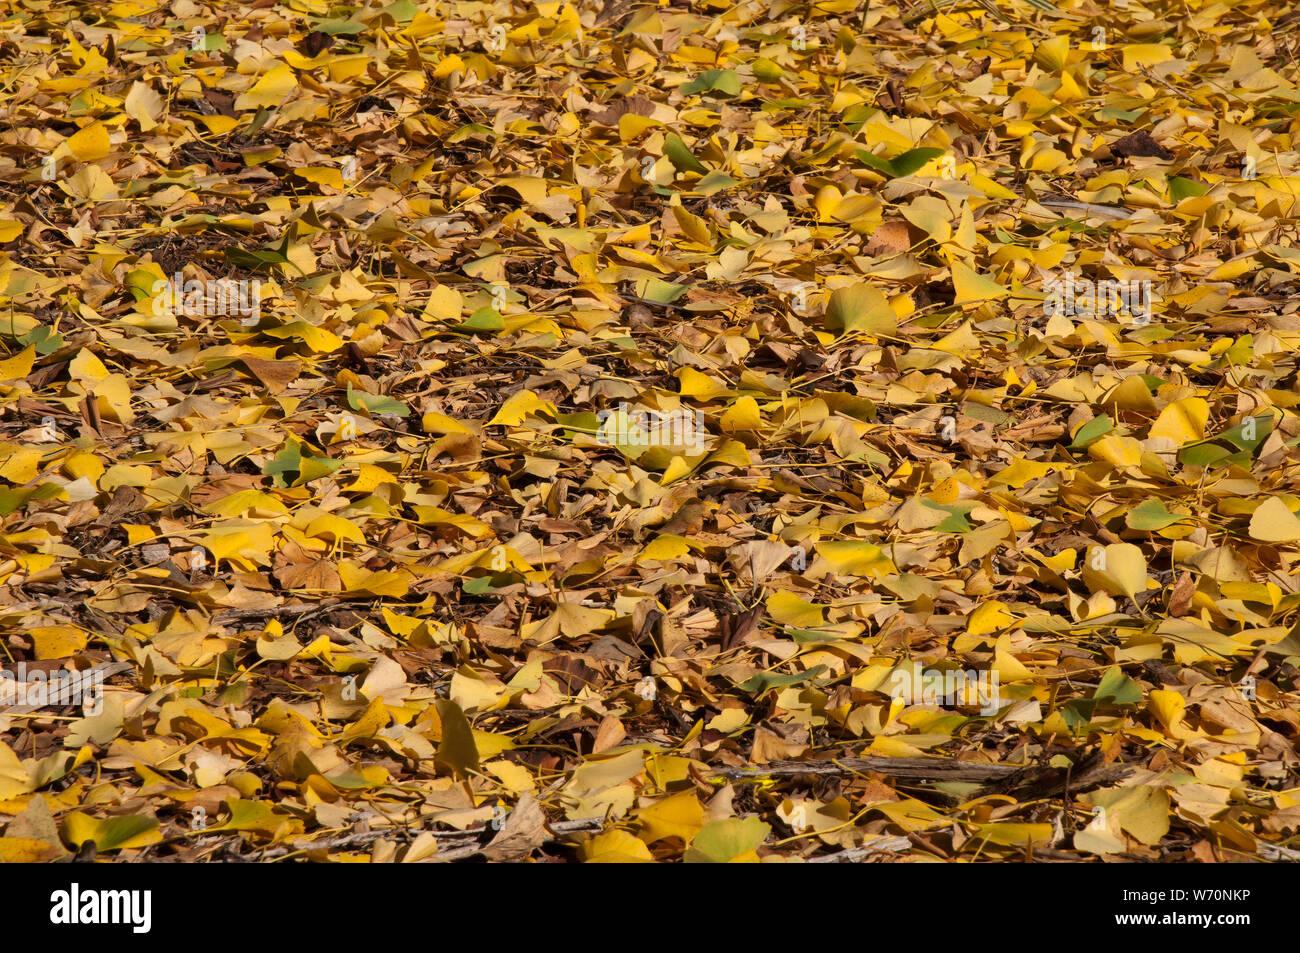 Sydney Australia Golden Leaves Of Ginkgo Biloba Or Maiden Hair